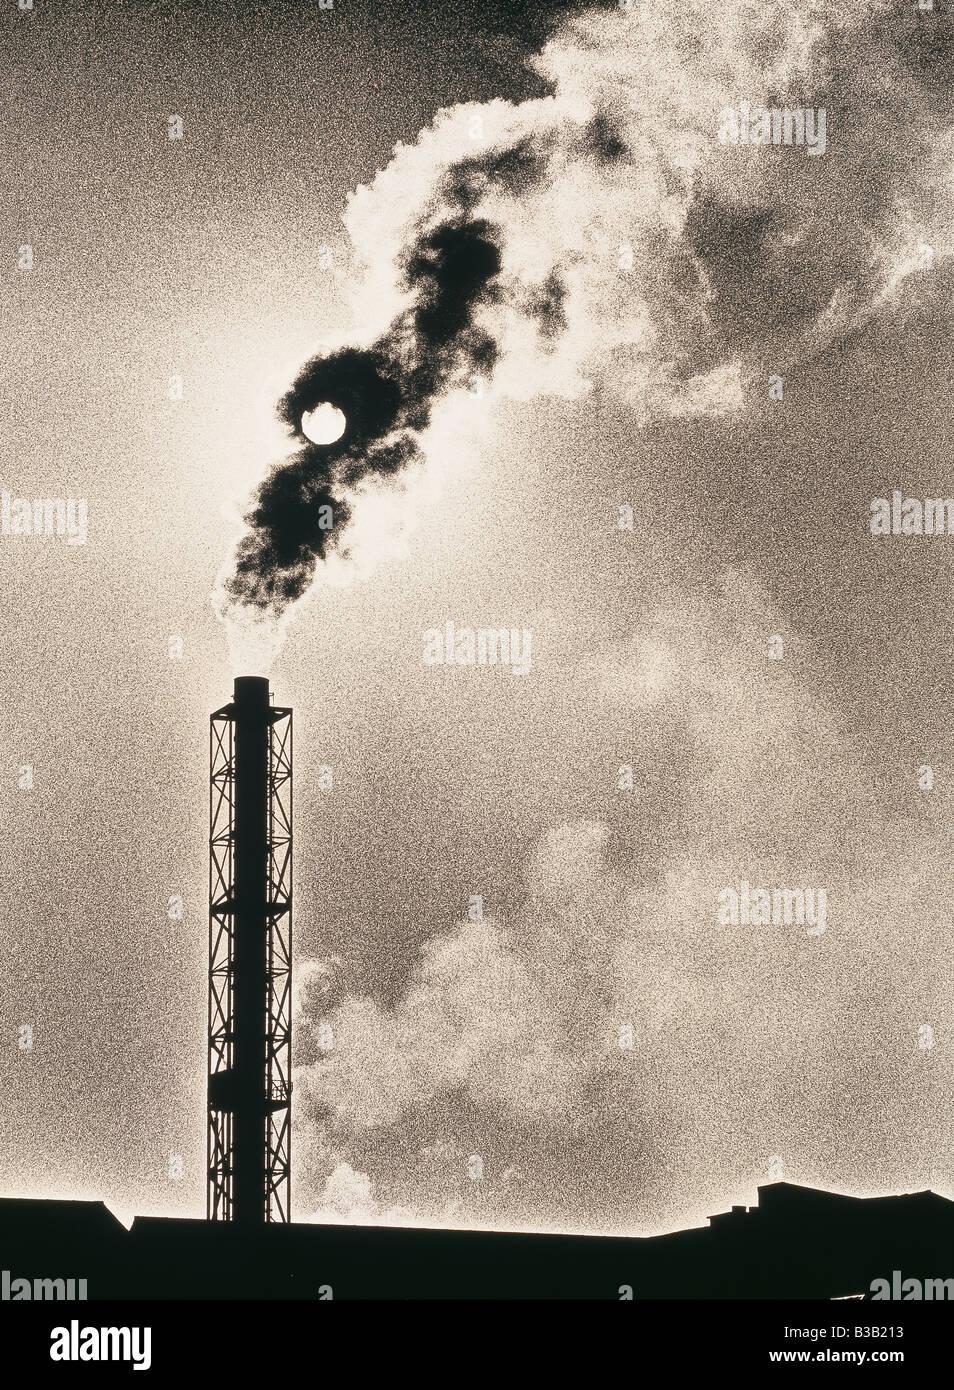 globale Erwärmung; ein Belchiing Schornstein verdunkelt die Sonne Avonmouth, Bristol, England, UK Stockbild